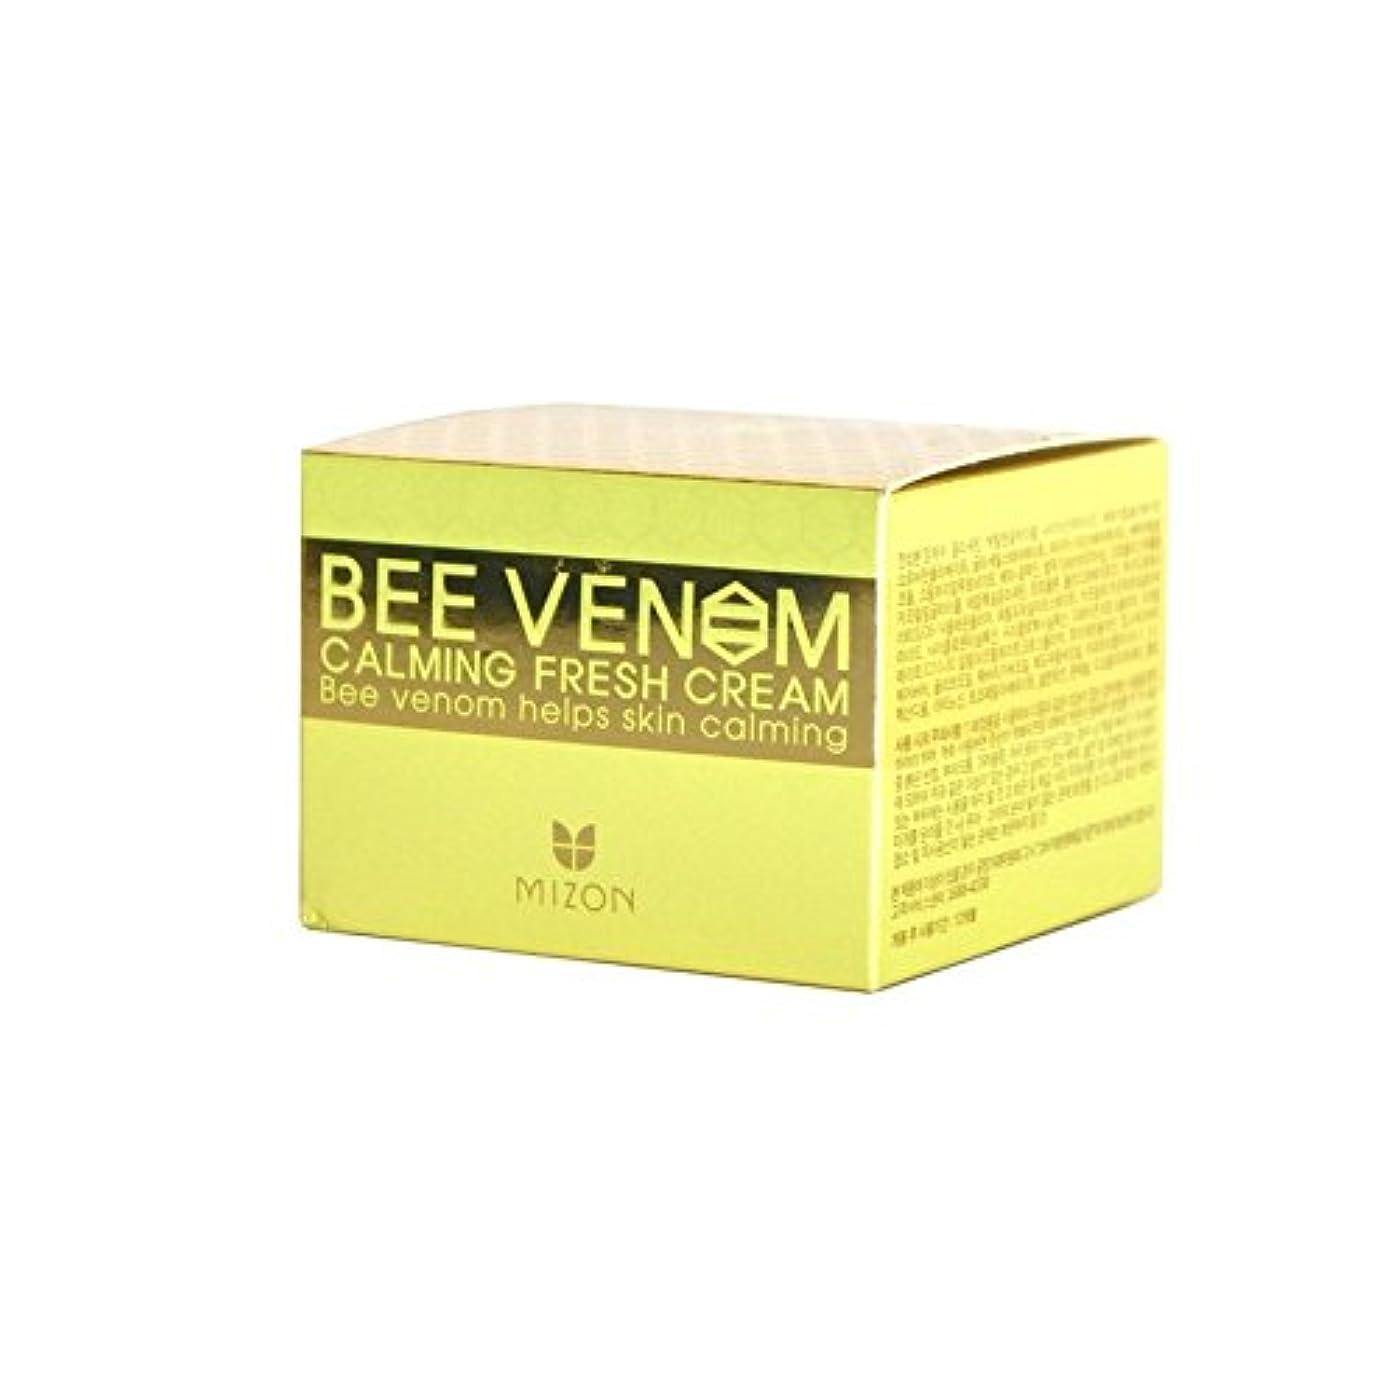 信頼性のある協力するずらす生クリームを落ち着かせるのハチ毒 x4 - Mizon Bee Venom Calming Fresh Cream (Pack of 4) [並行輸入品]